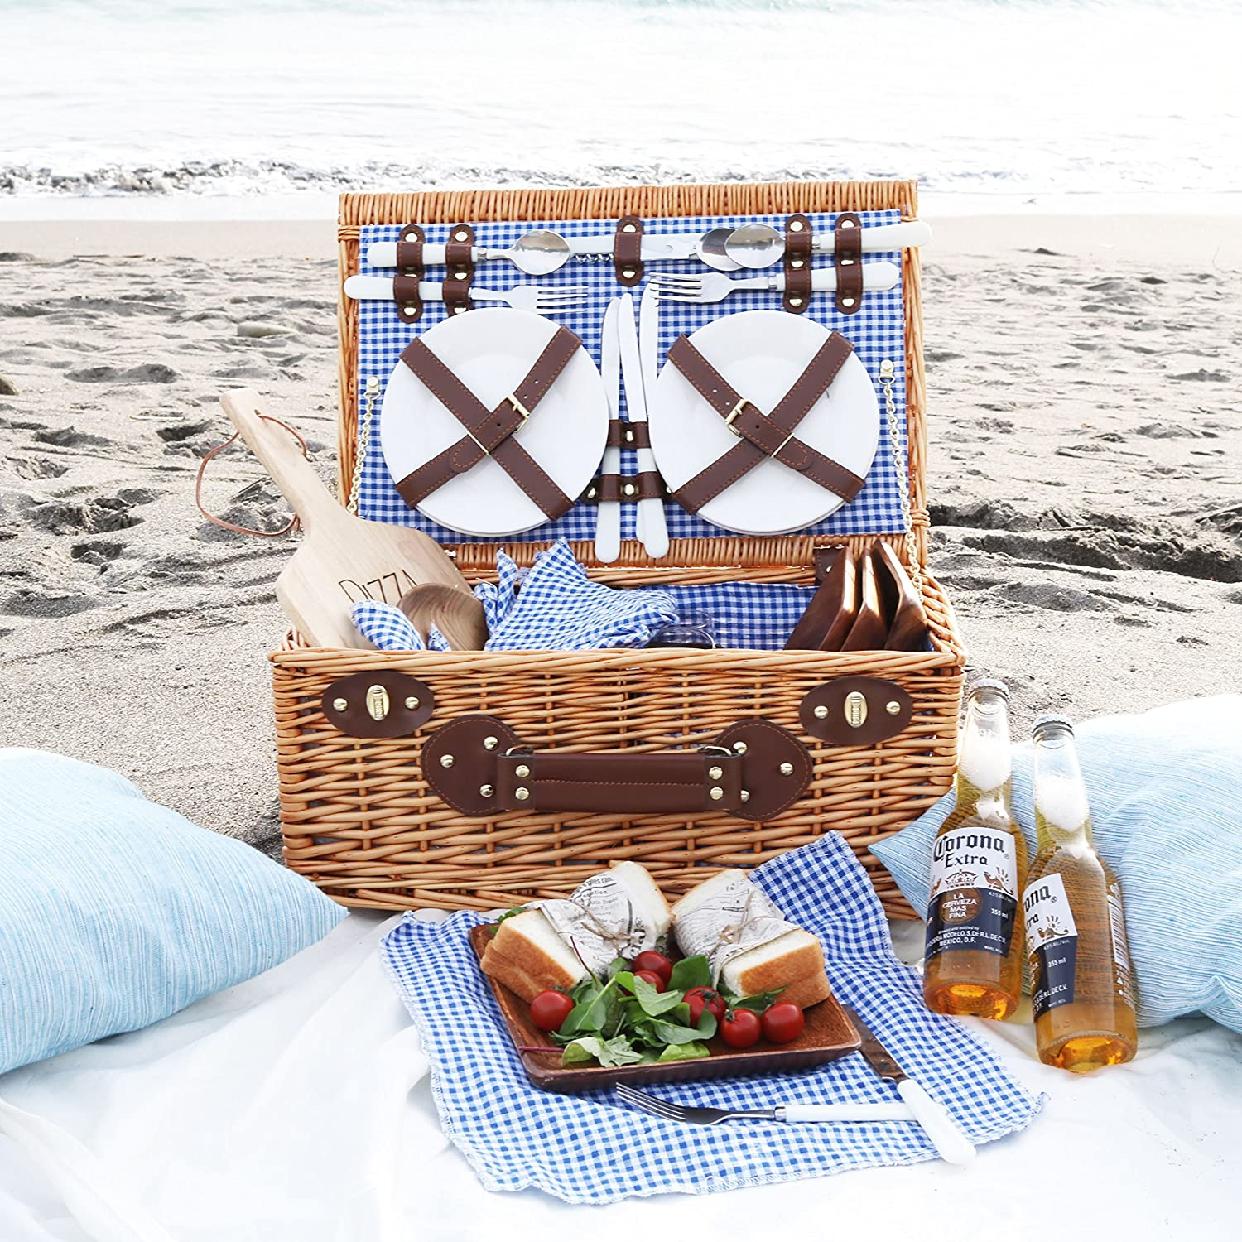 Roots & Beach(ルーツアンドビーチ)4人用 ピクニックバスケット カトラリー お皿 ワイングラス付 ブラウン RB-PB-1001の商品画像6